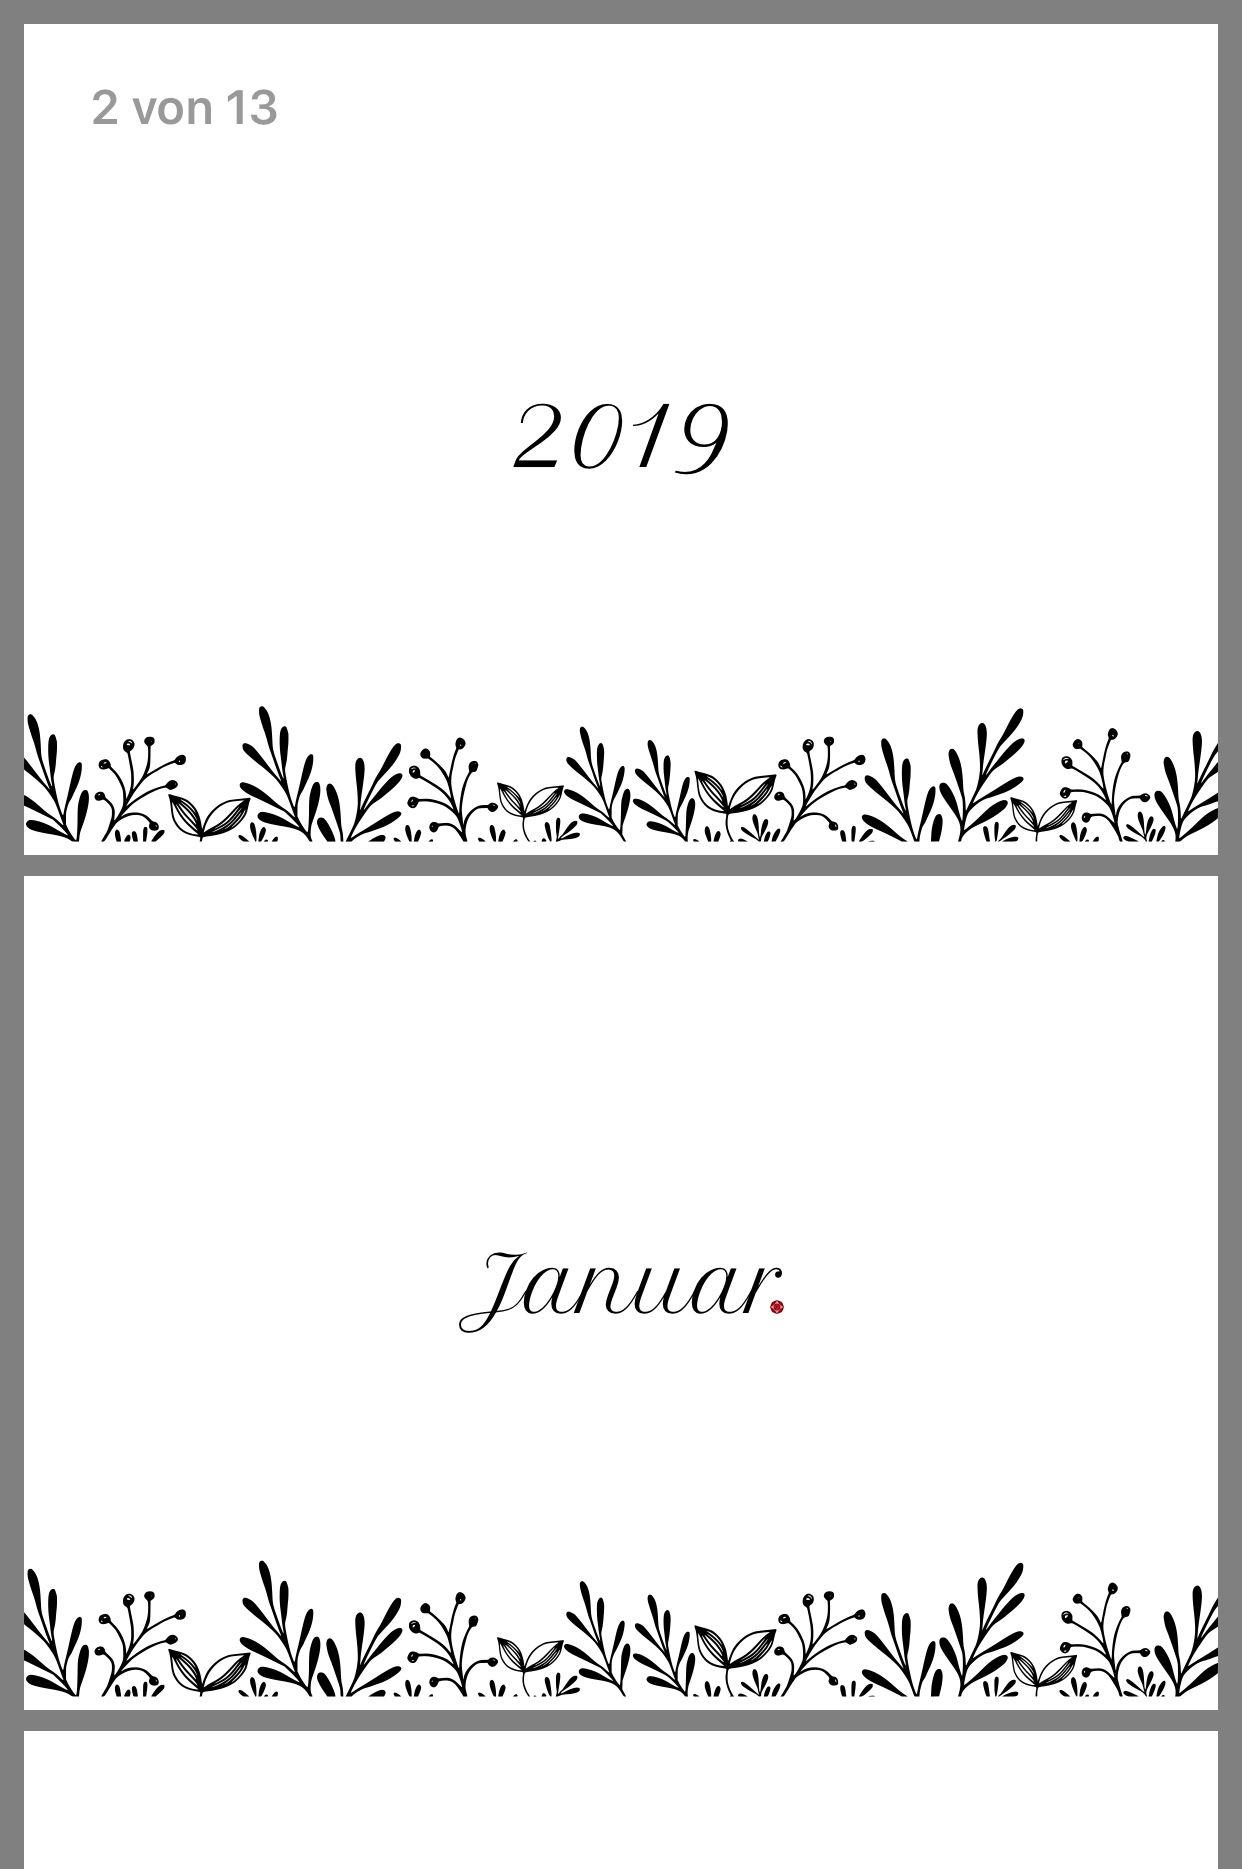 Pin von Sille Bro auf Bullet journal Januar